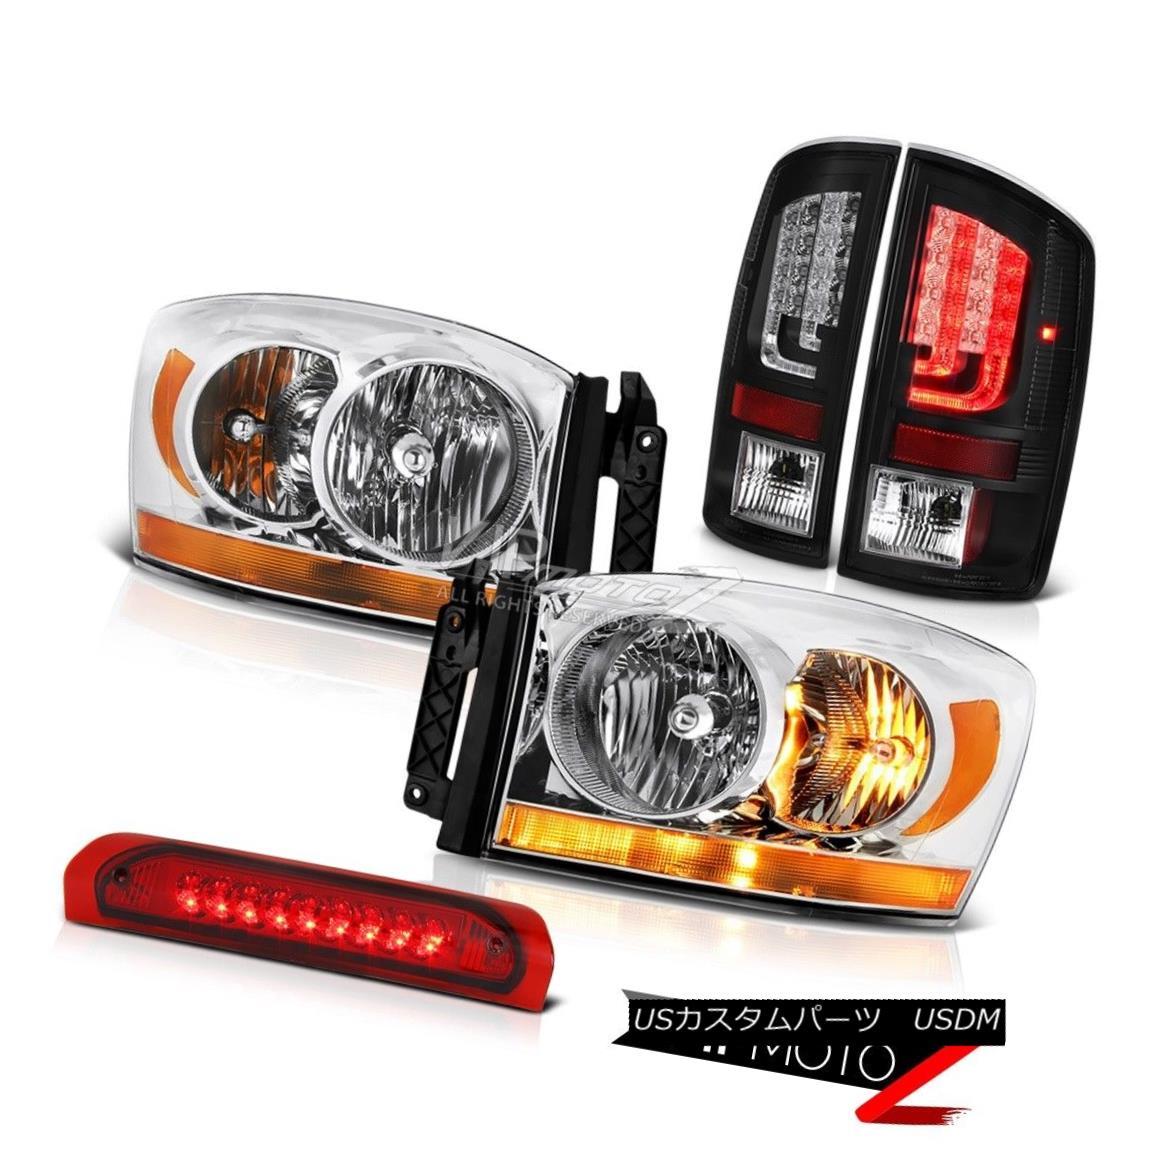 ヘッドライト 2007-2008 Dodge Ram 1500 4.7L Taillamps Headlamps 3RD Brake Light Tron Tube LED 2007-2008ダッジラム1500 4.7Lタイルランプヘッドランプ3RDブレーキライトトロンチューブLED